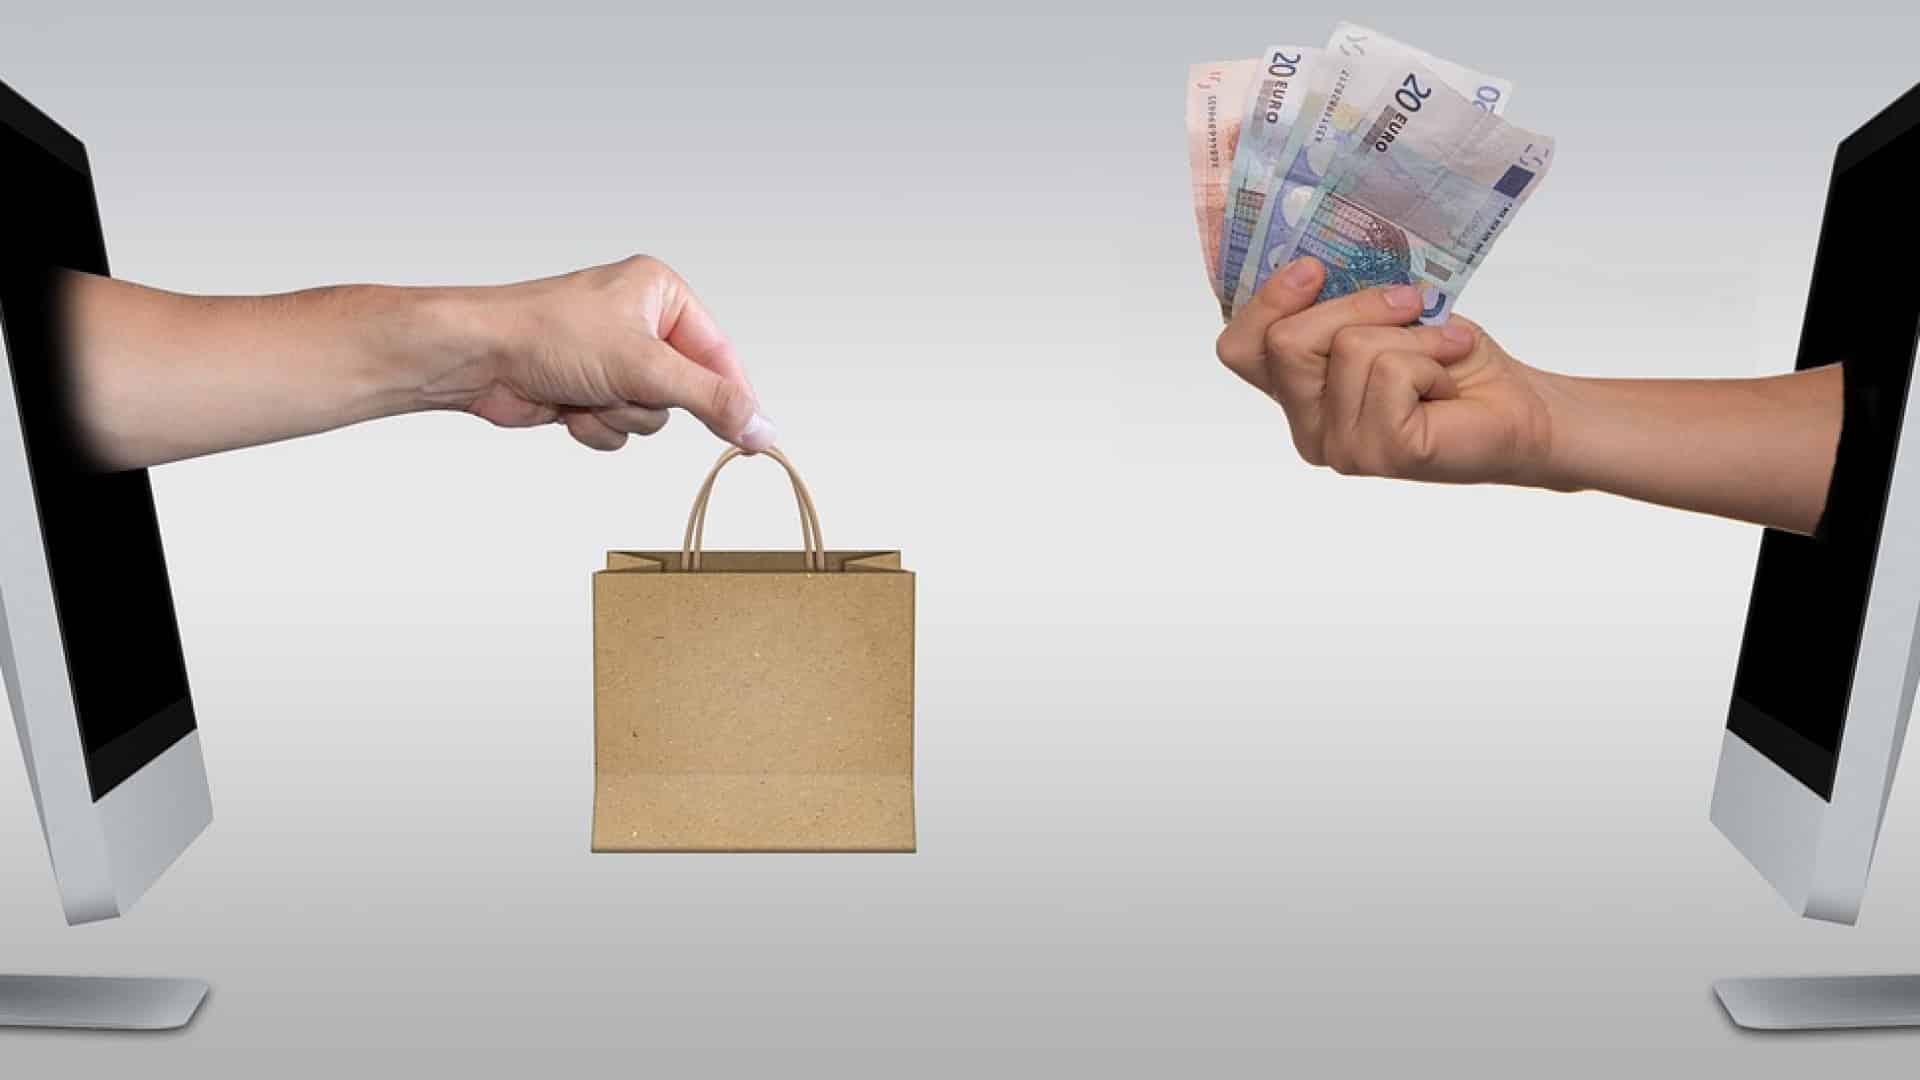 Quels sont les avantages du E-commerce?